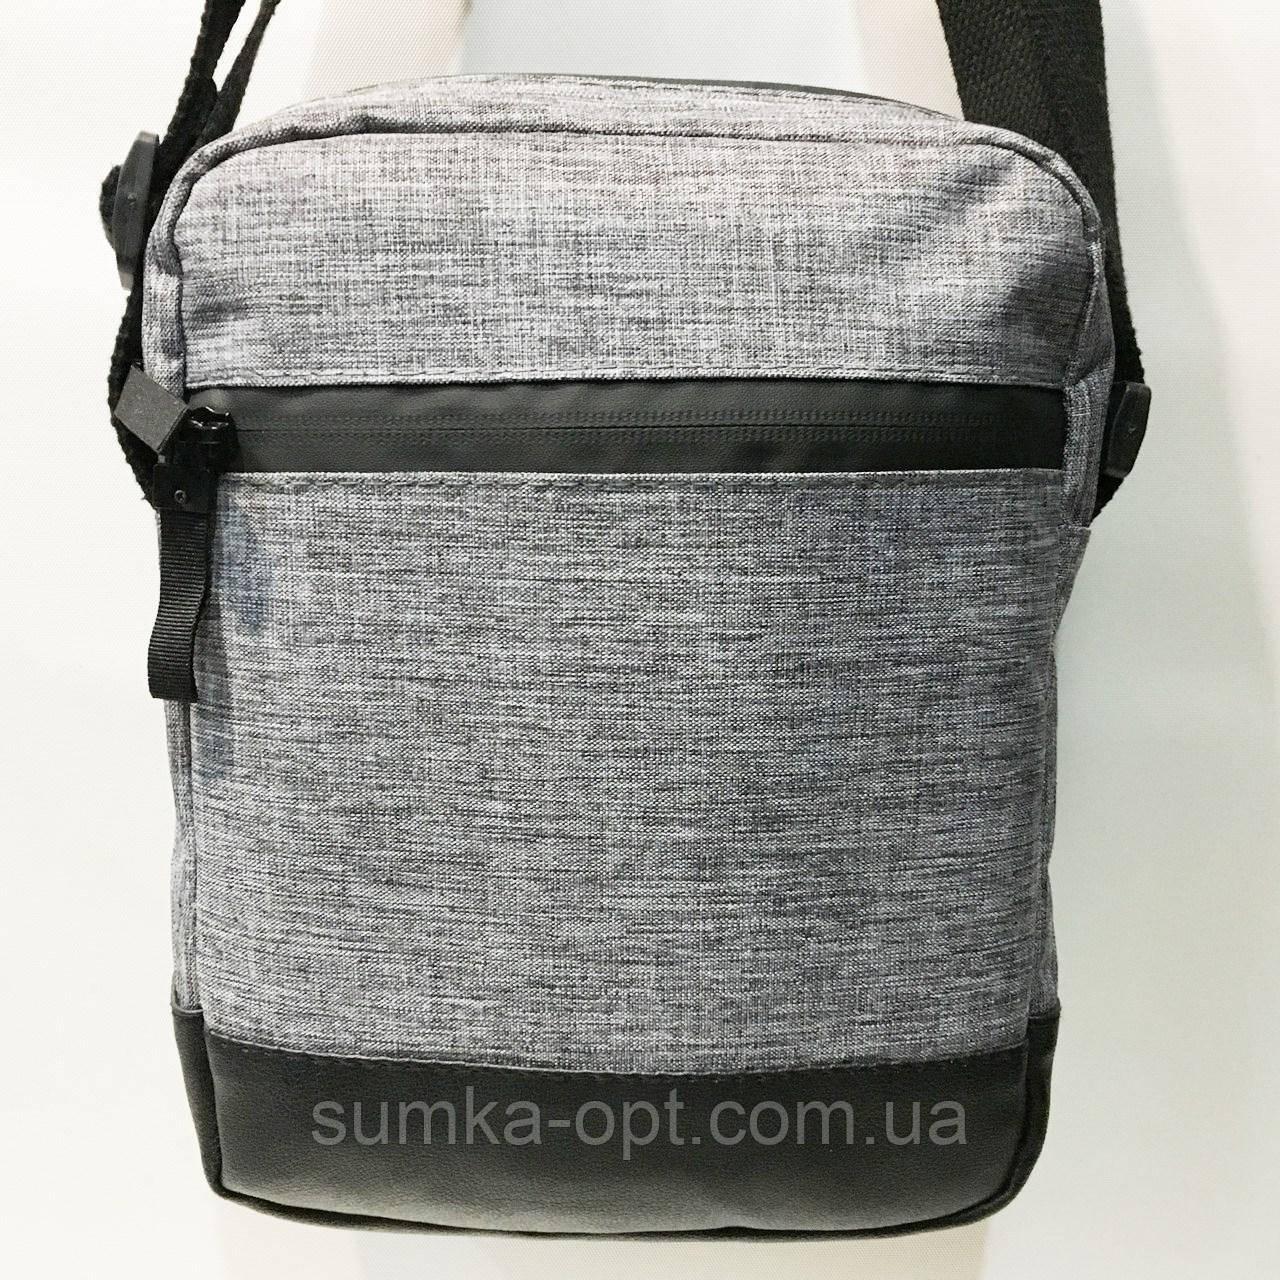 Спортивные барсетки без накатки со змейкой (серый)20*26см